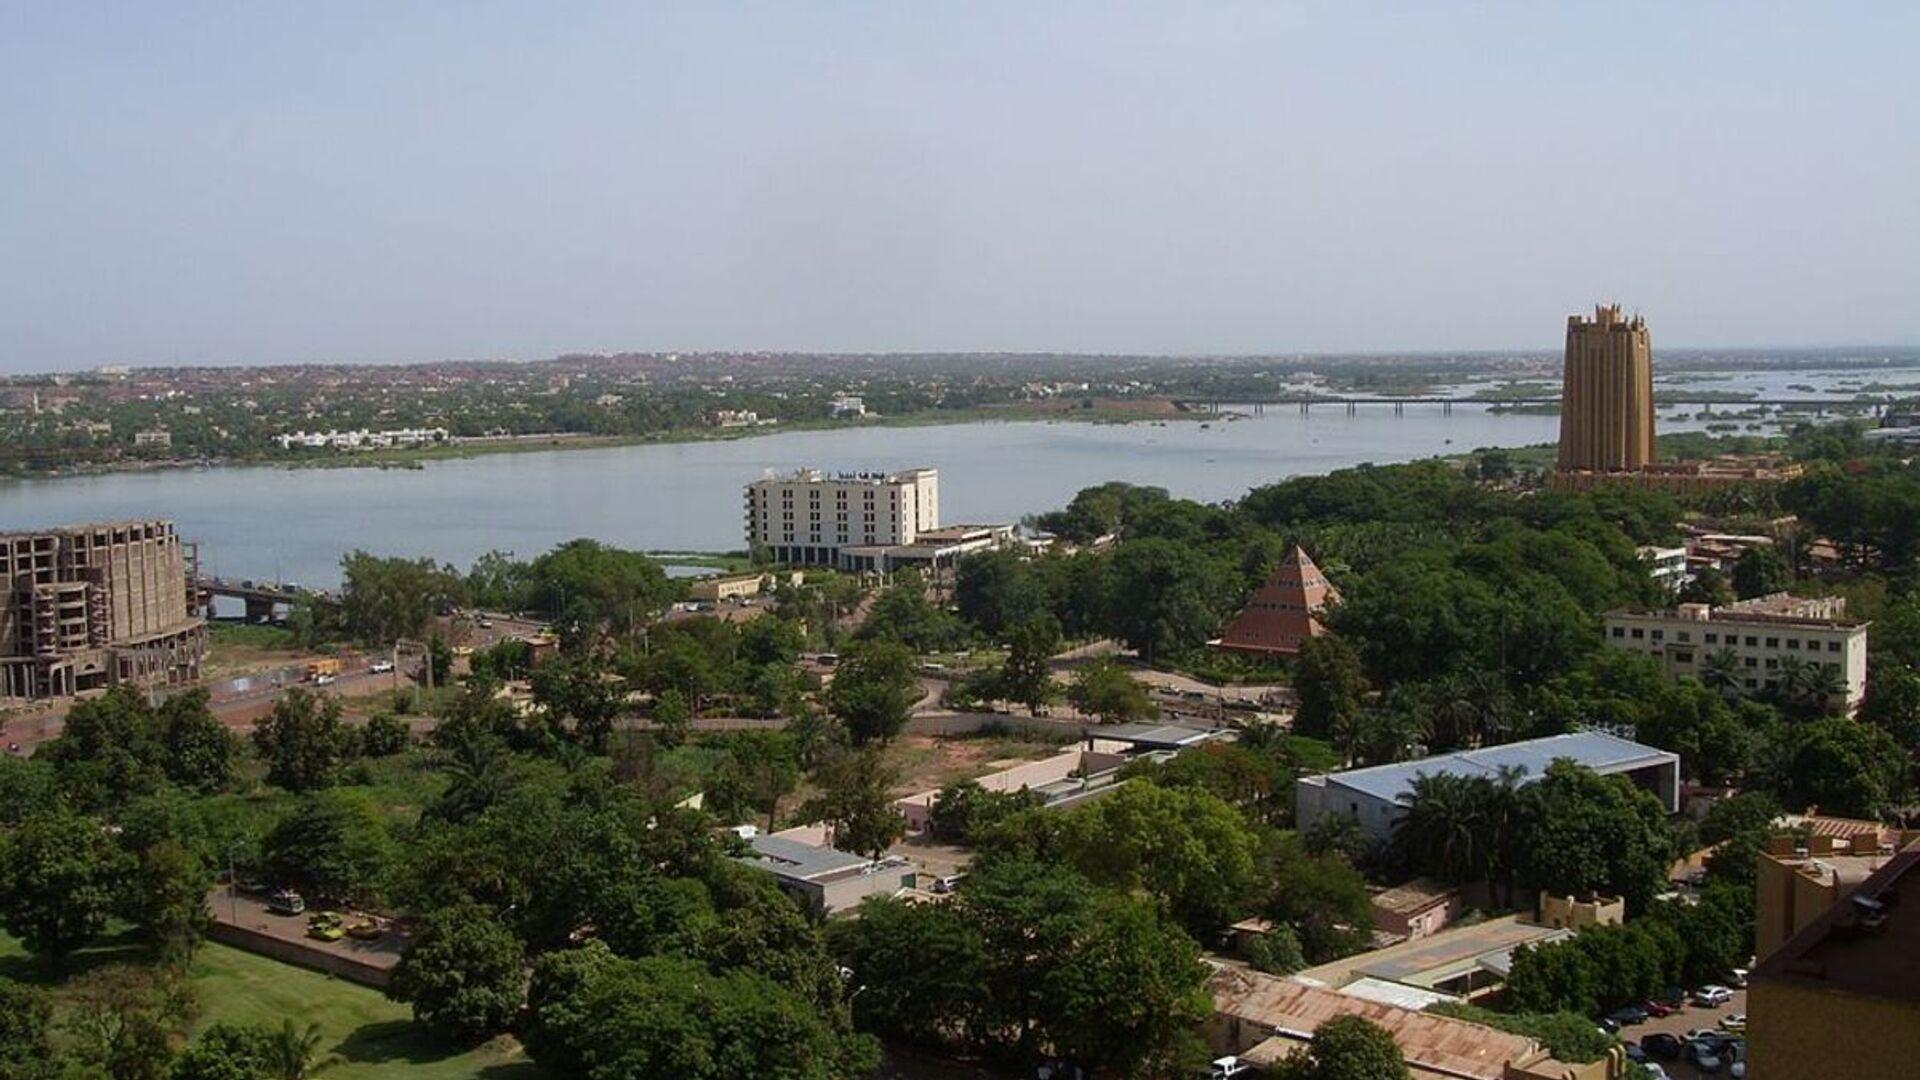 Bamako sur les rives du fleuve Niger - Sputnik France, 1920, 11.09.2021